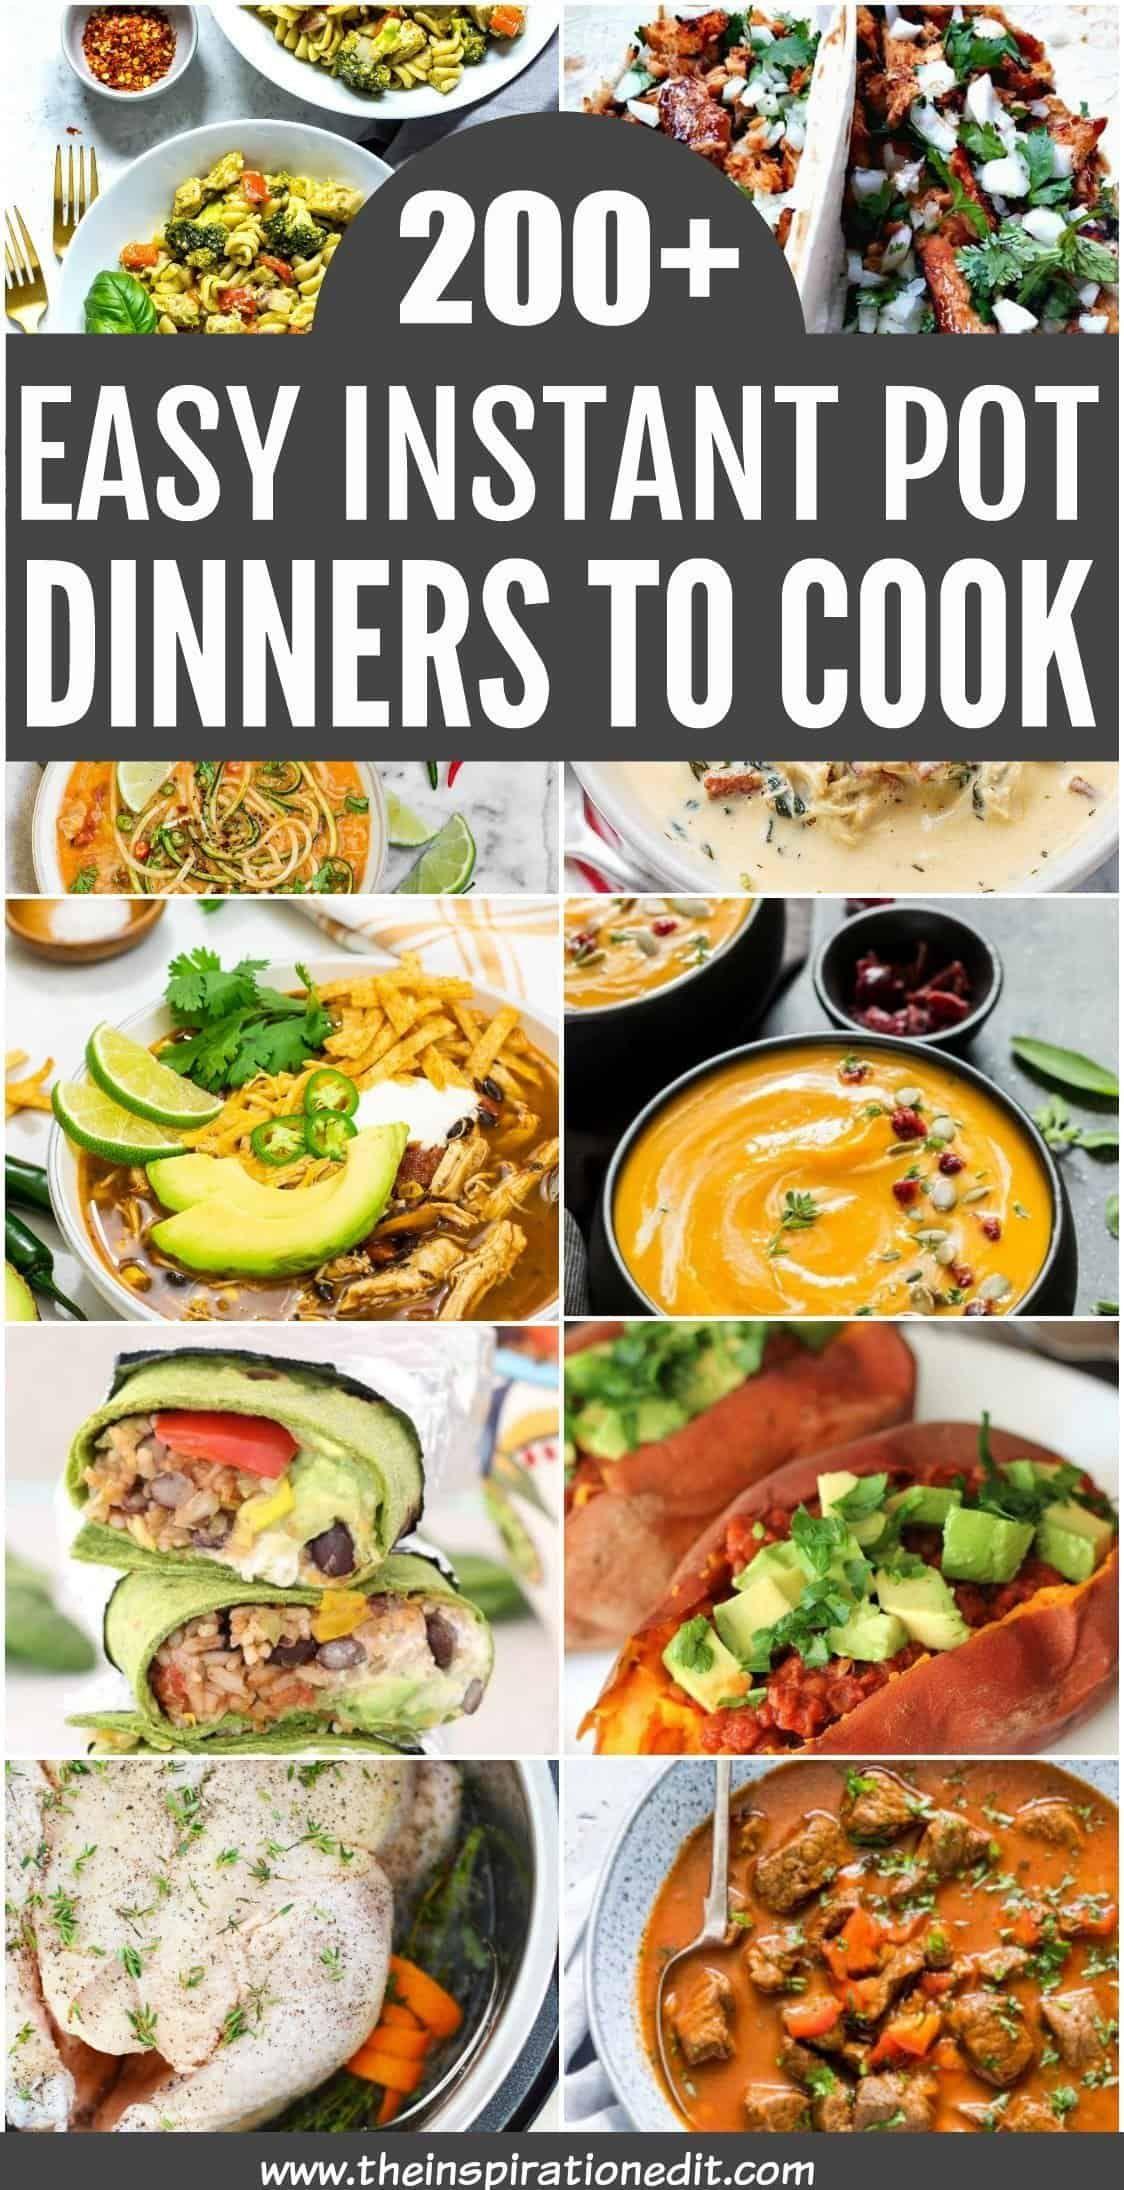 Easy Instant Pot Dinner Recipes Instant Pot Dinner Recipes